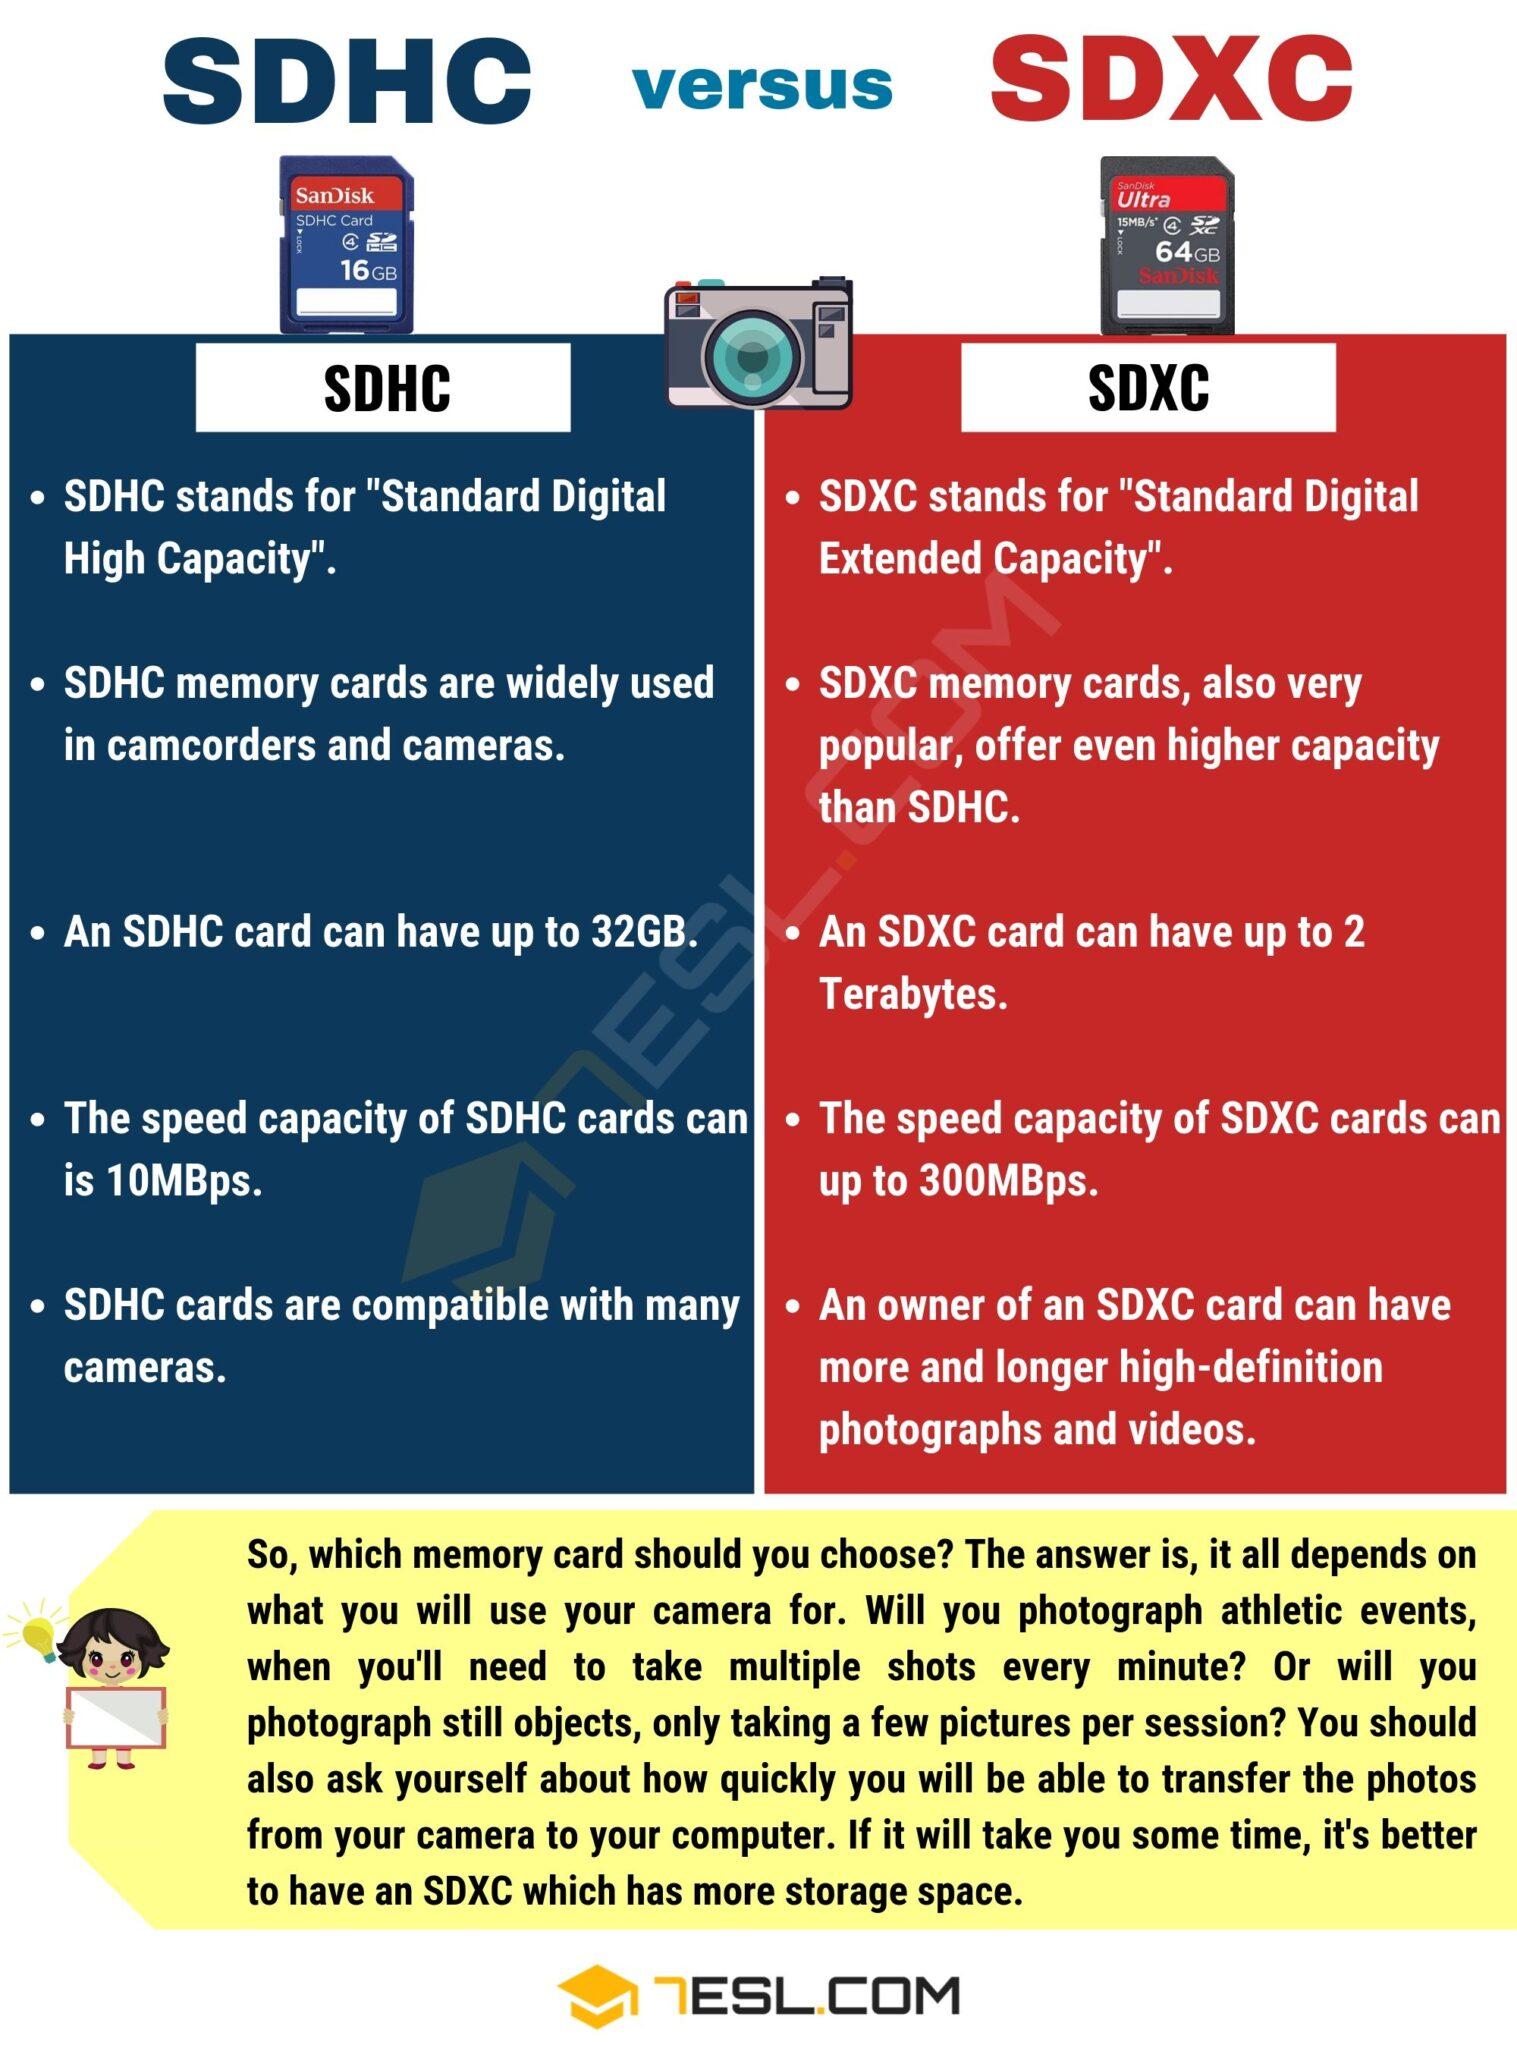 SDHC vs. SDXC